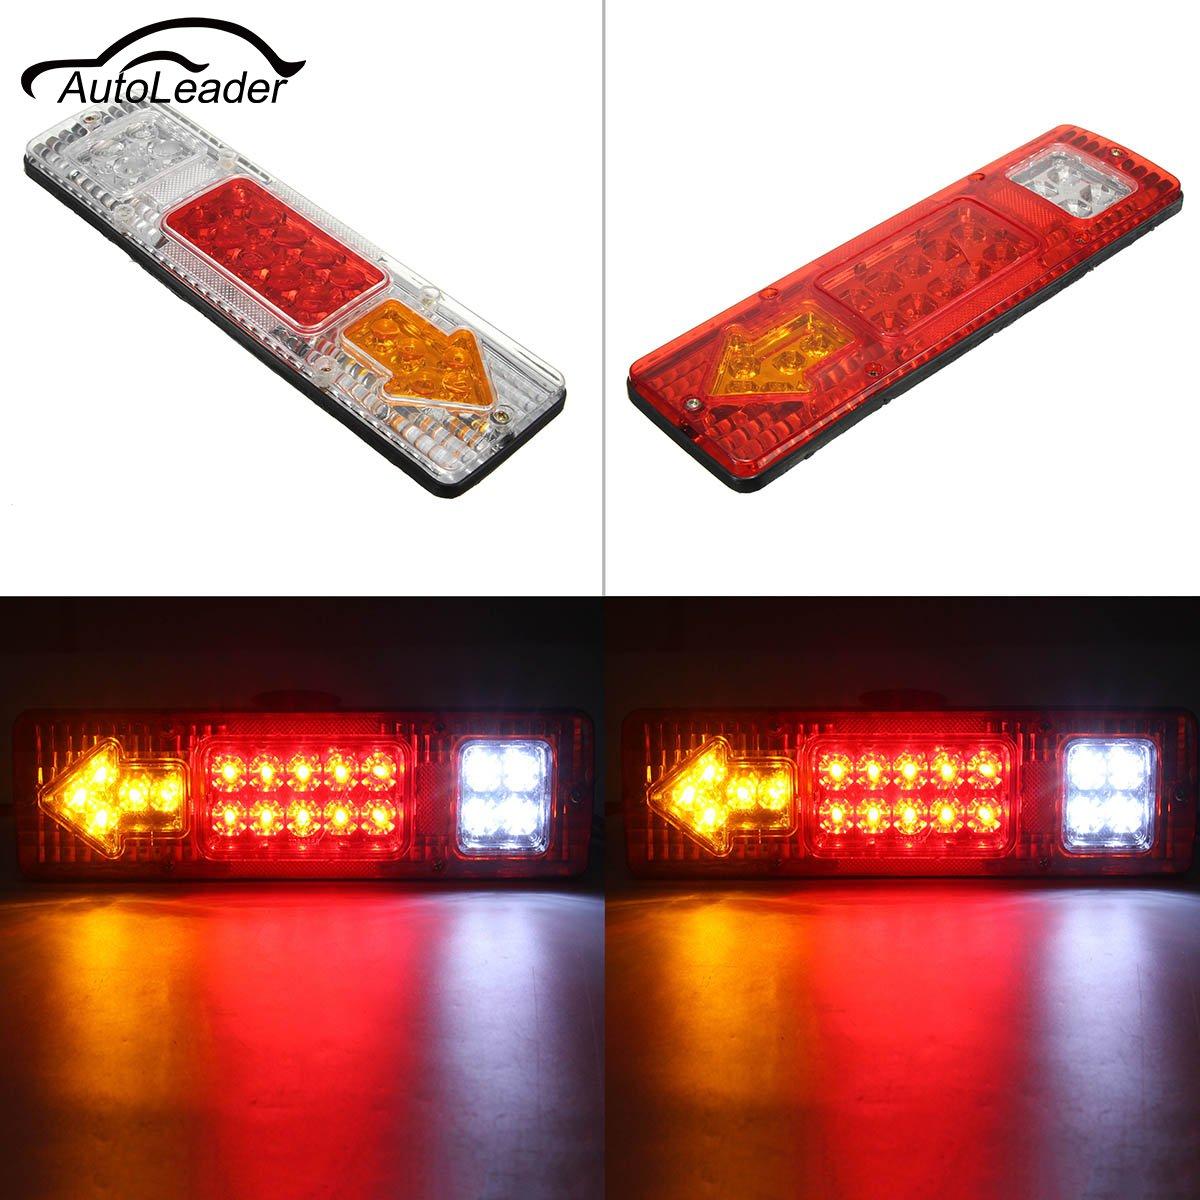 1.5W 5A Trucks Railer Tail Light LED 24V DC Trailers Van Lamp Reversing 19 LEDs In Each Lamp